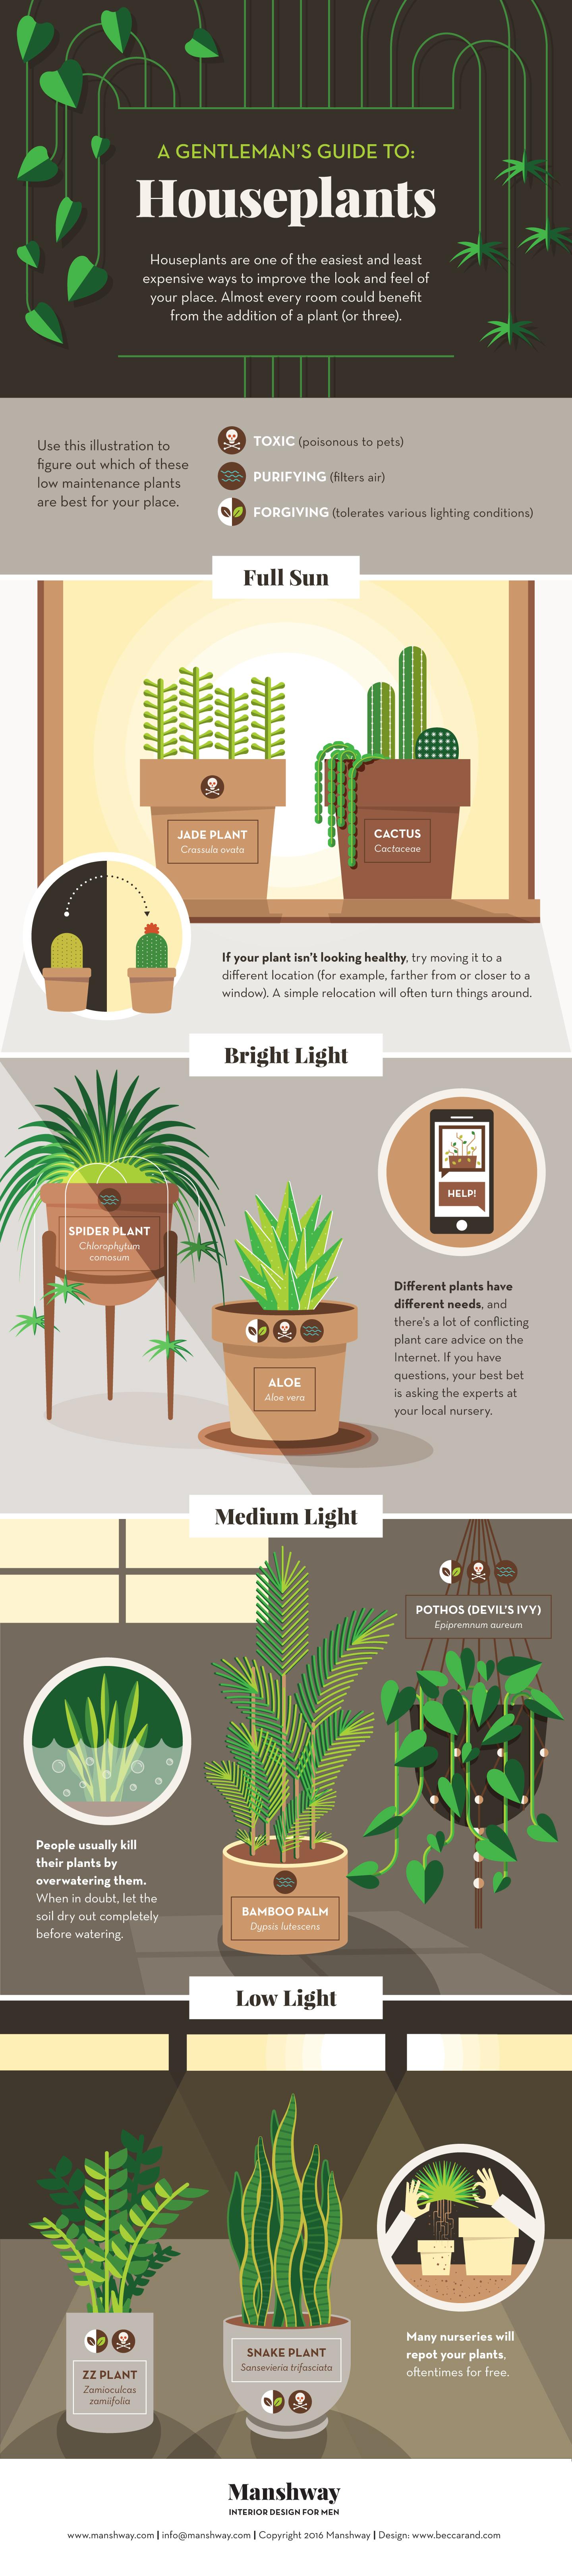 Houseplants Guide for Men